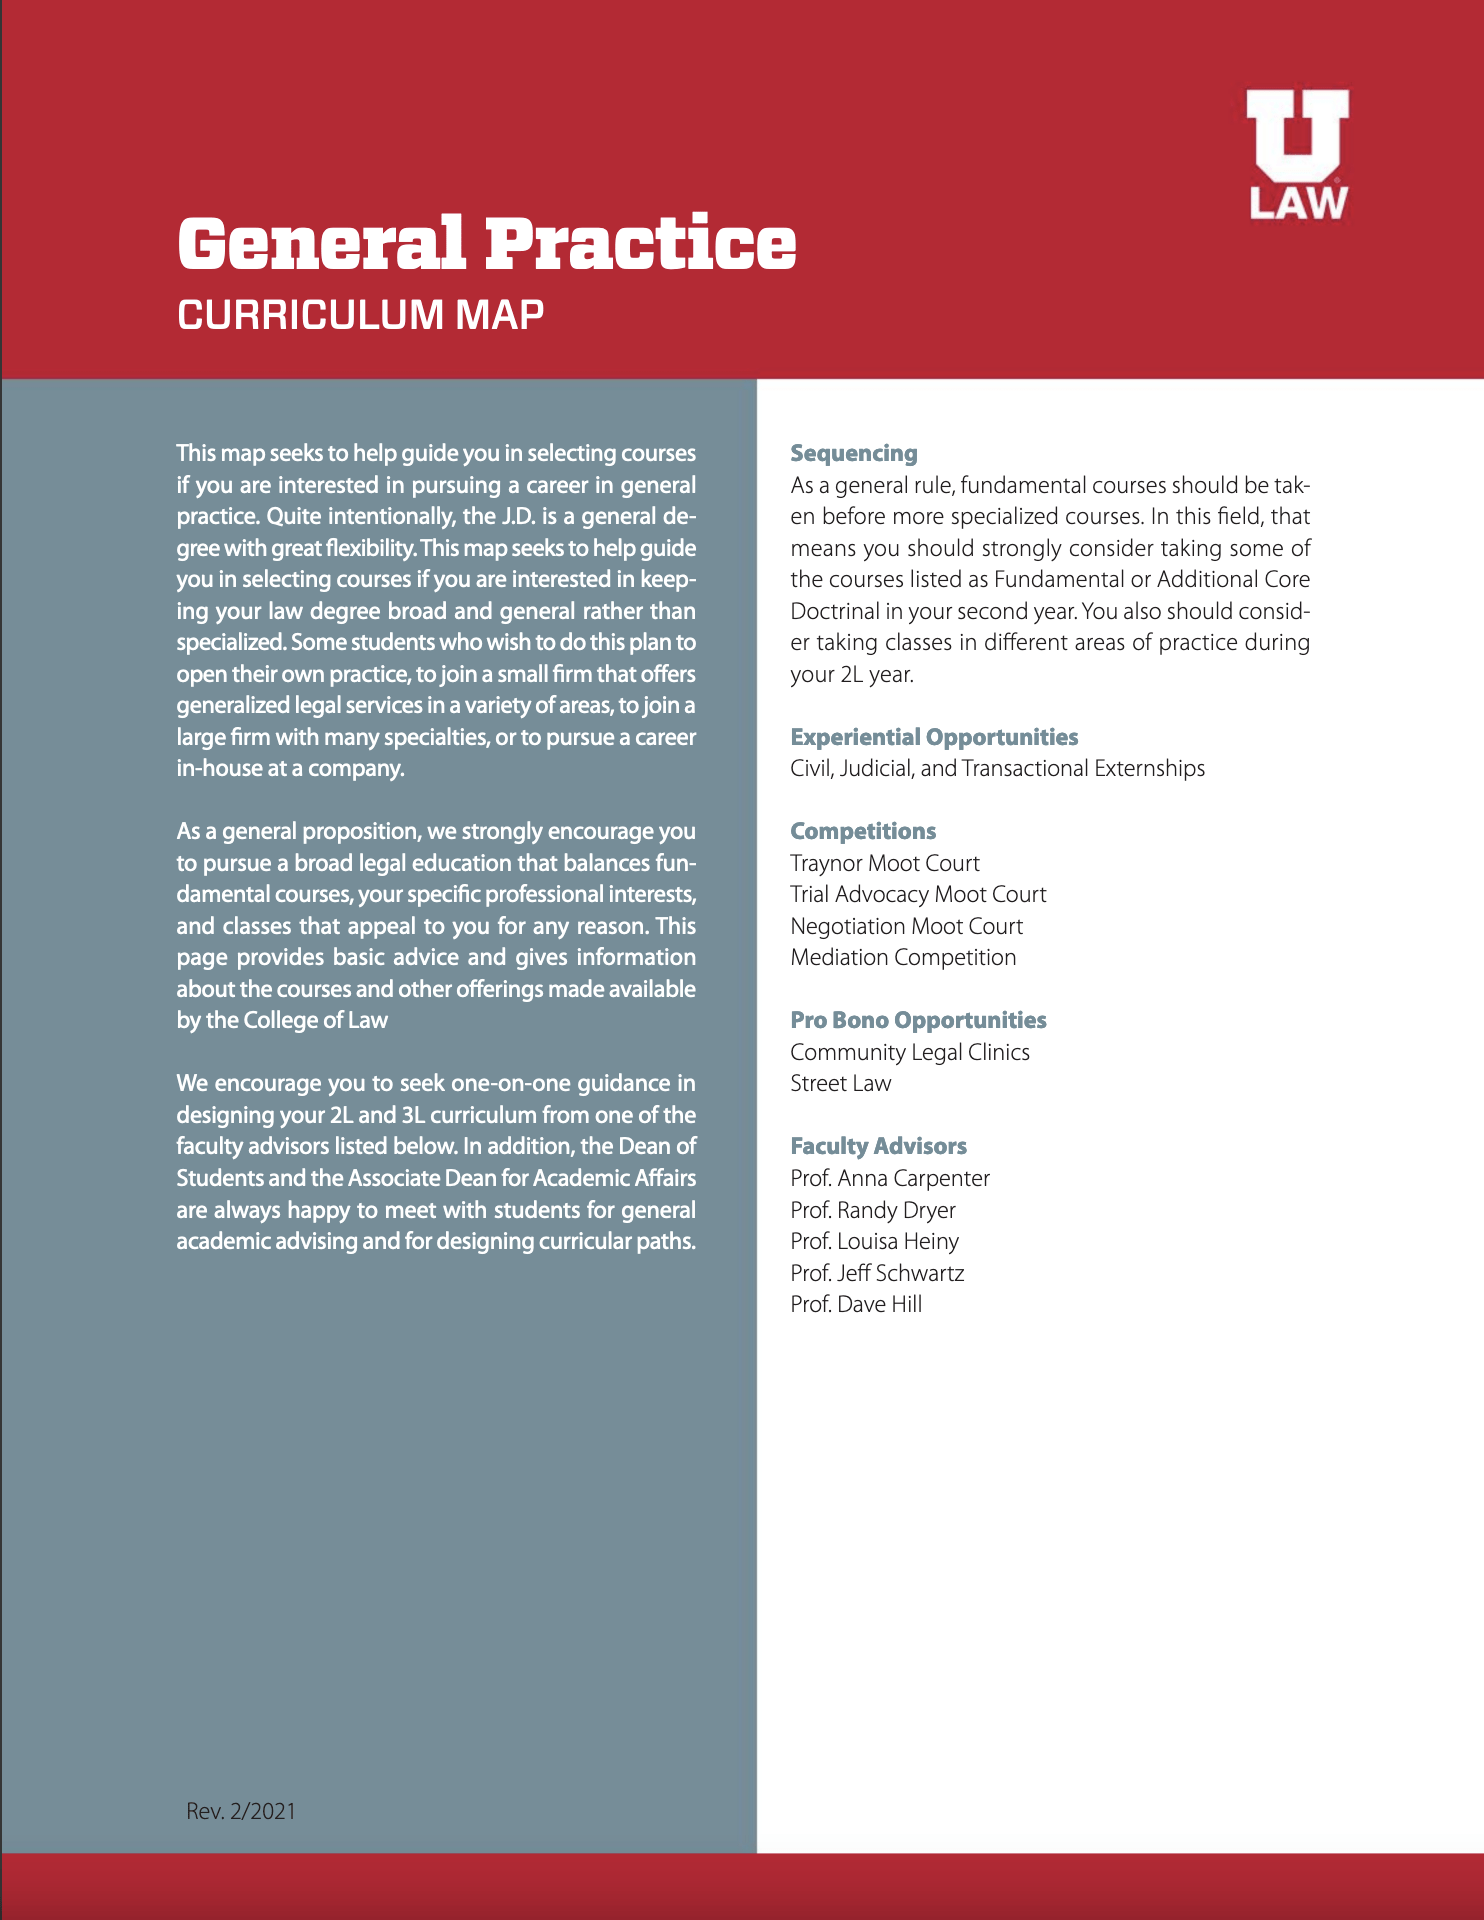 General Practice Curriculum Map